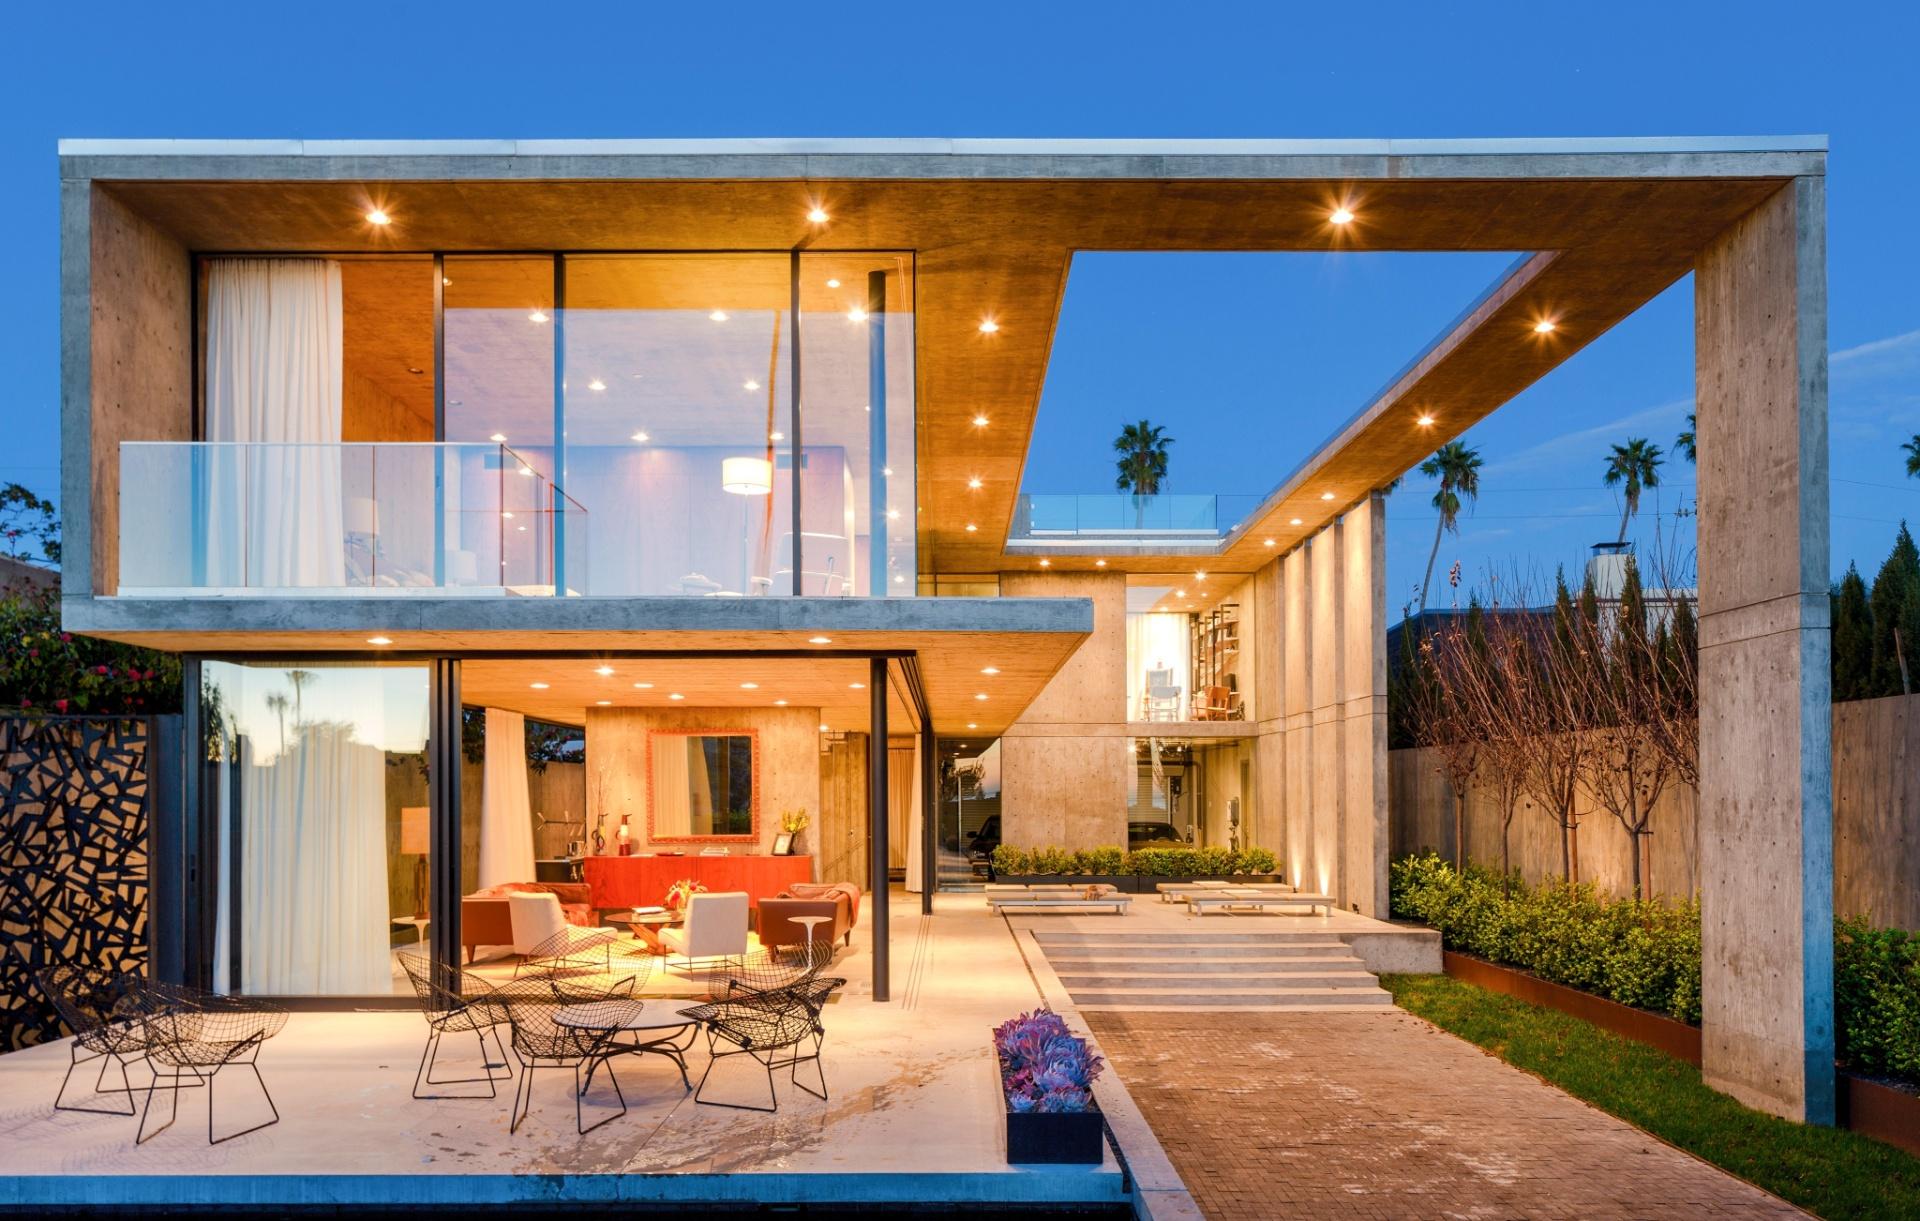 Fotos casa resistente maresia sonho de concreto e for Casas de cemento